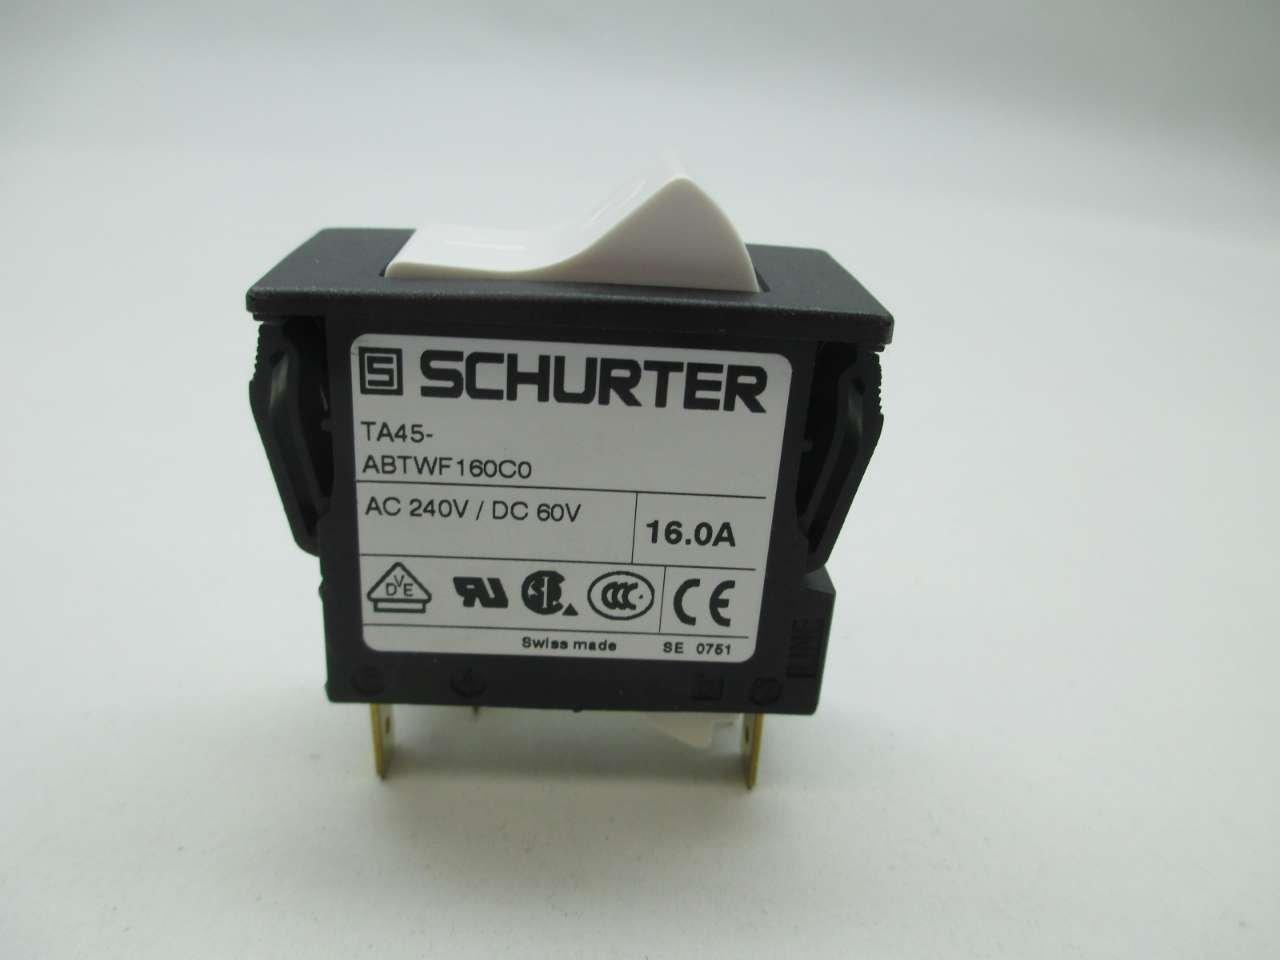 NEW SCHURTER TA45 ABTWF160C0 ROCKER SWITCH 240V AC 16A